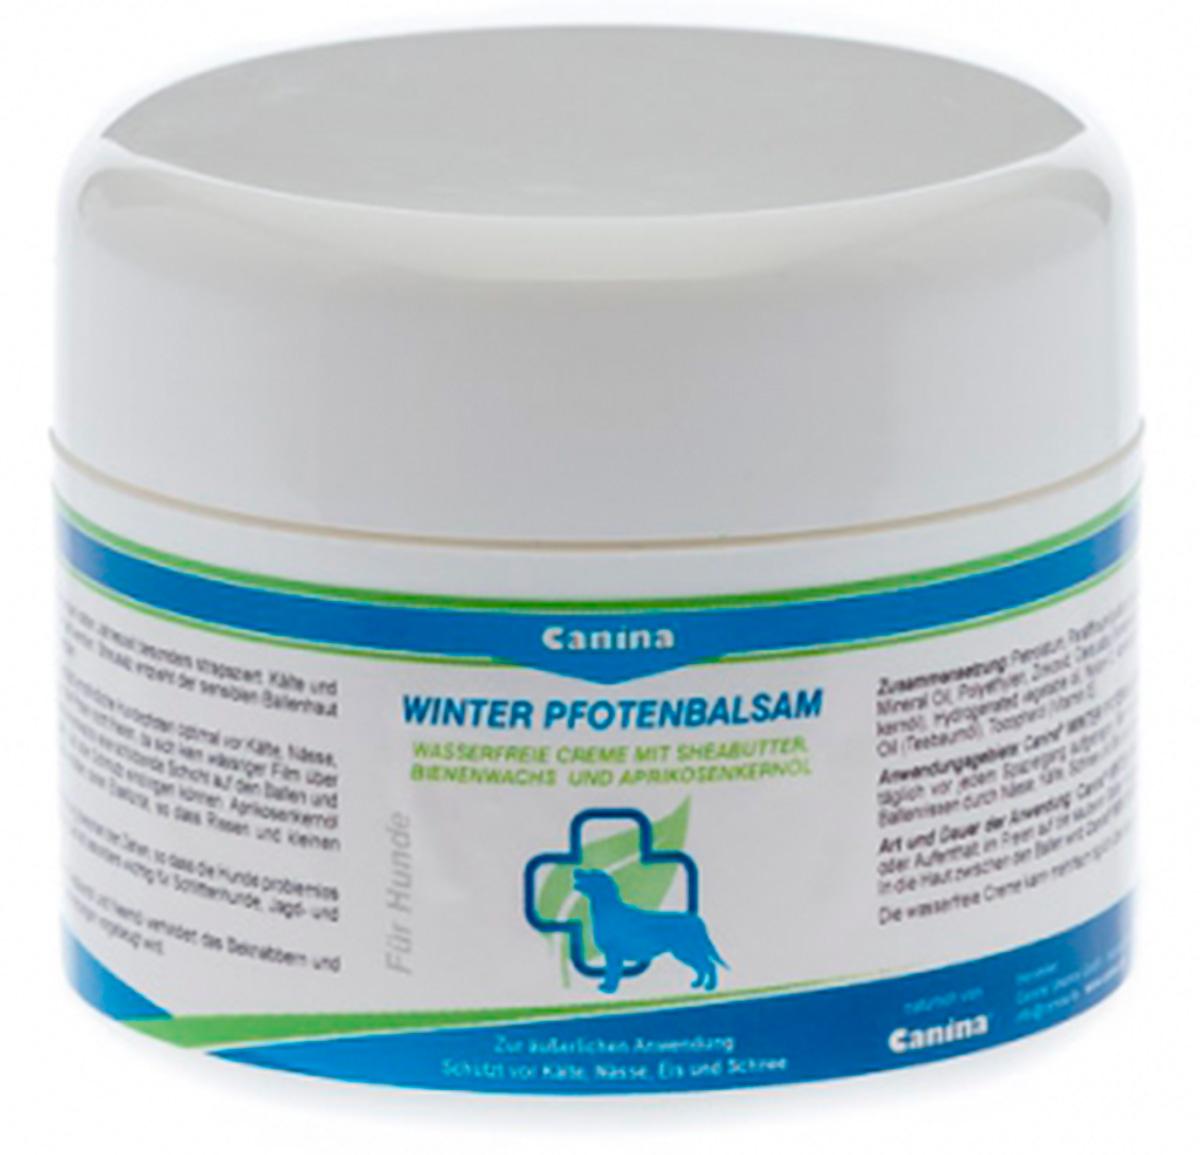 Защитный крем для лап CANINA Winter Pfotenbalsam,